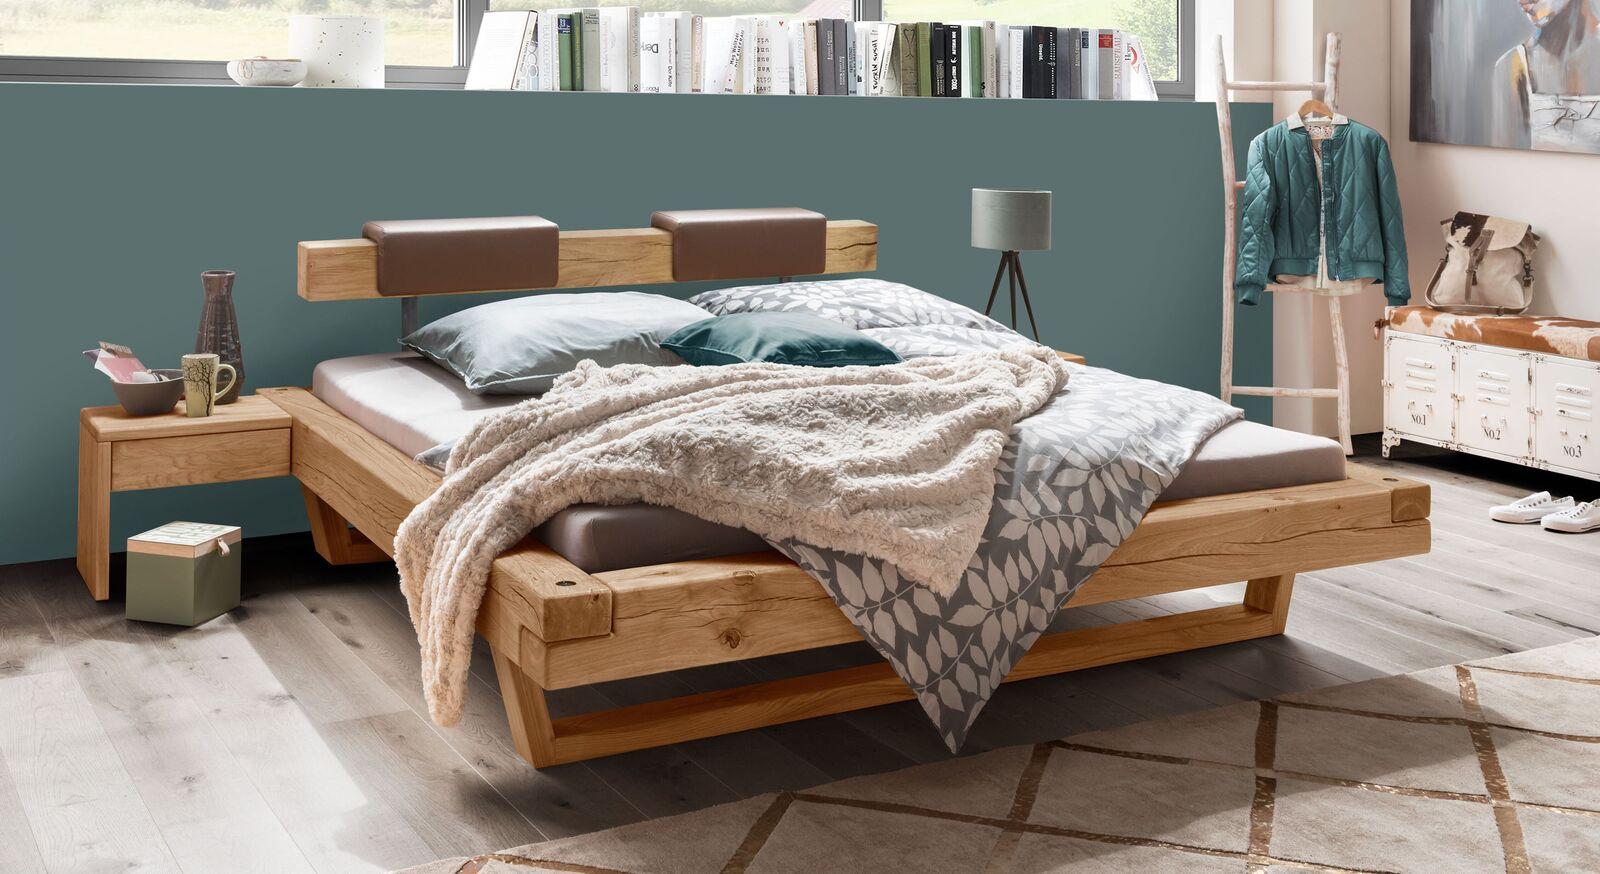 Balkenbett Maramis mit stabilen Holzkufen